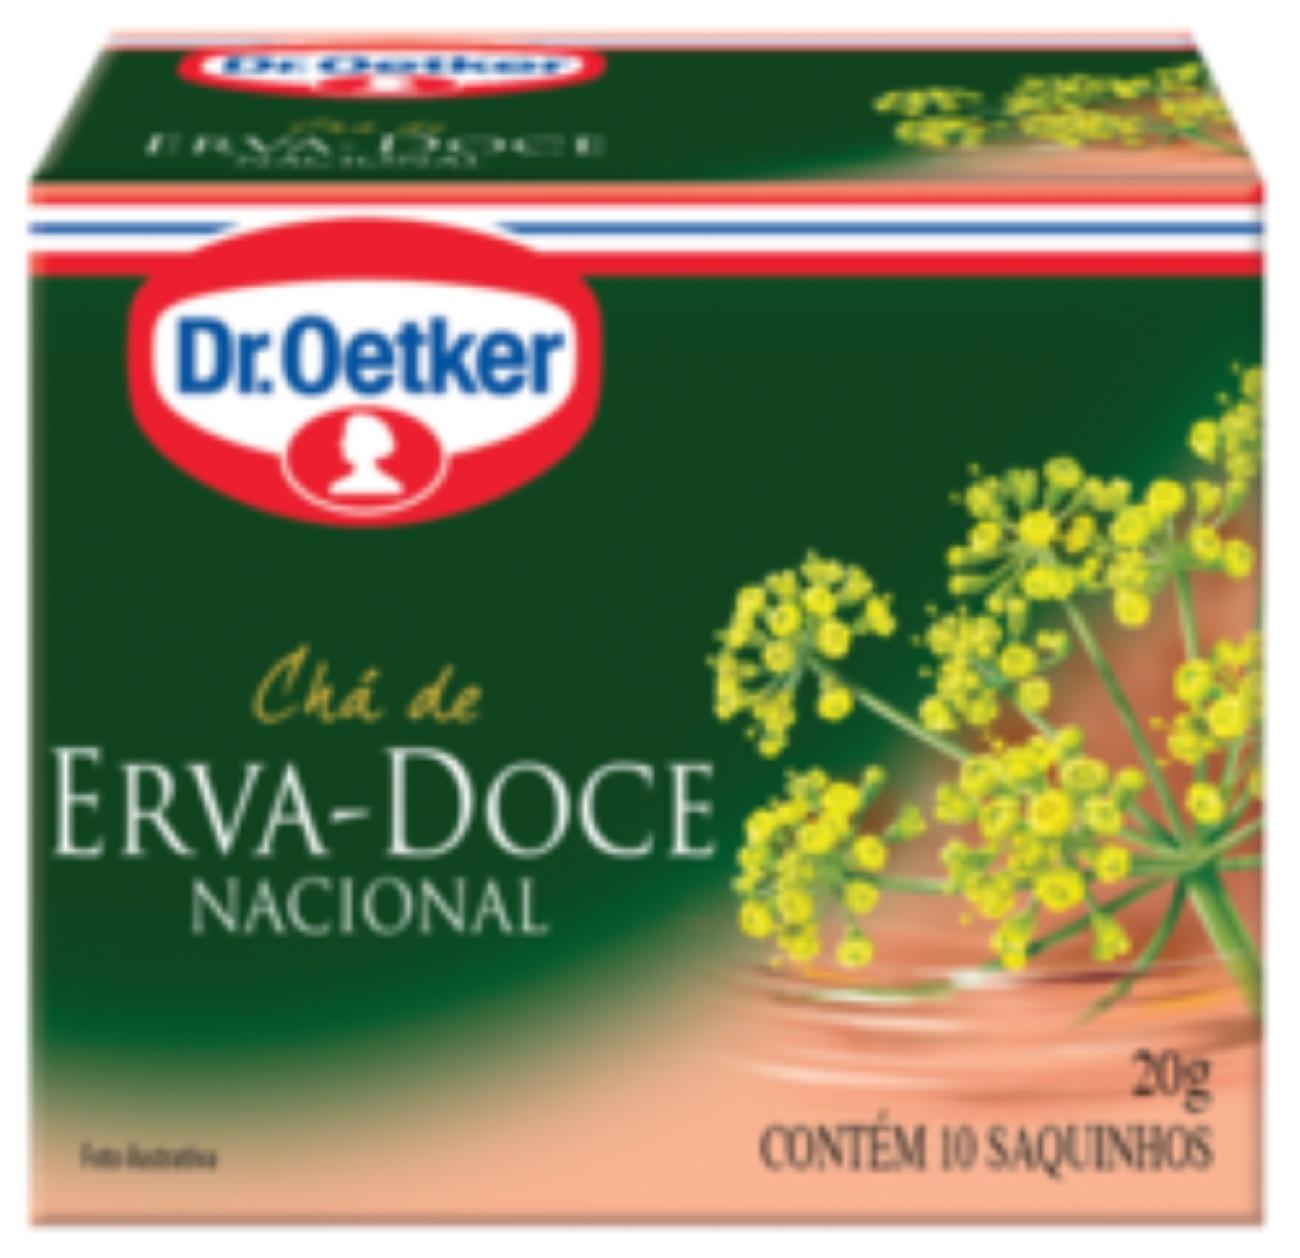 CHÁ DE ERVA DOCE DR. OETKER KIT COM 2 CAIXAS.